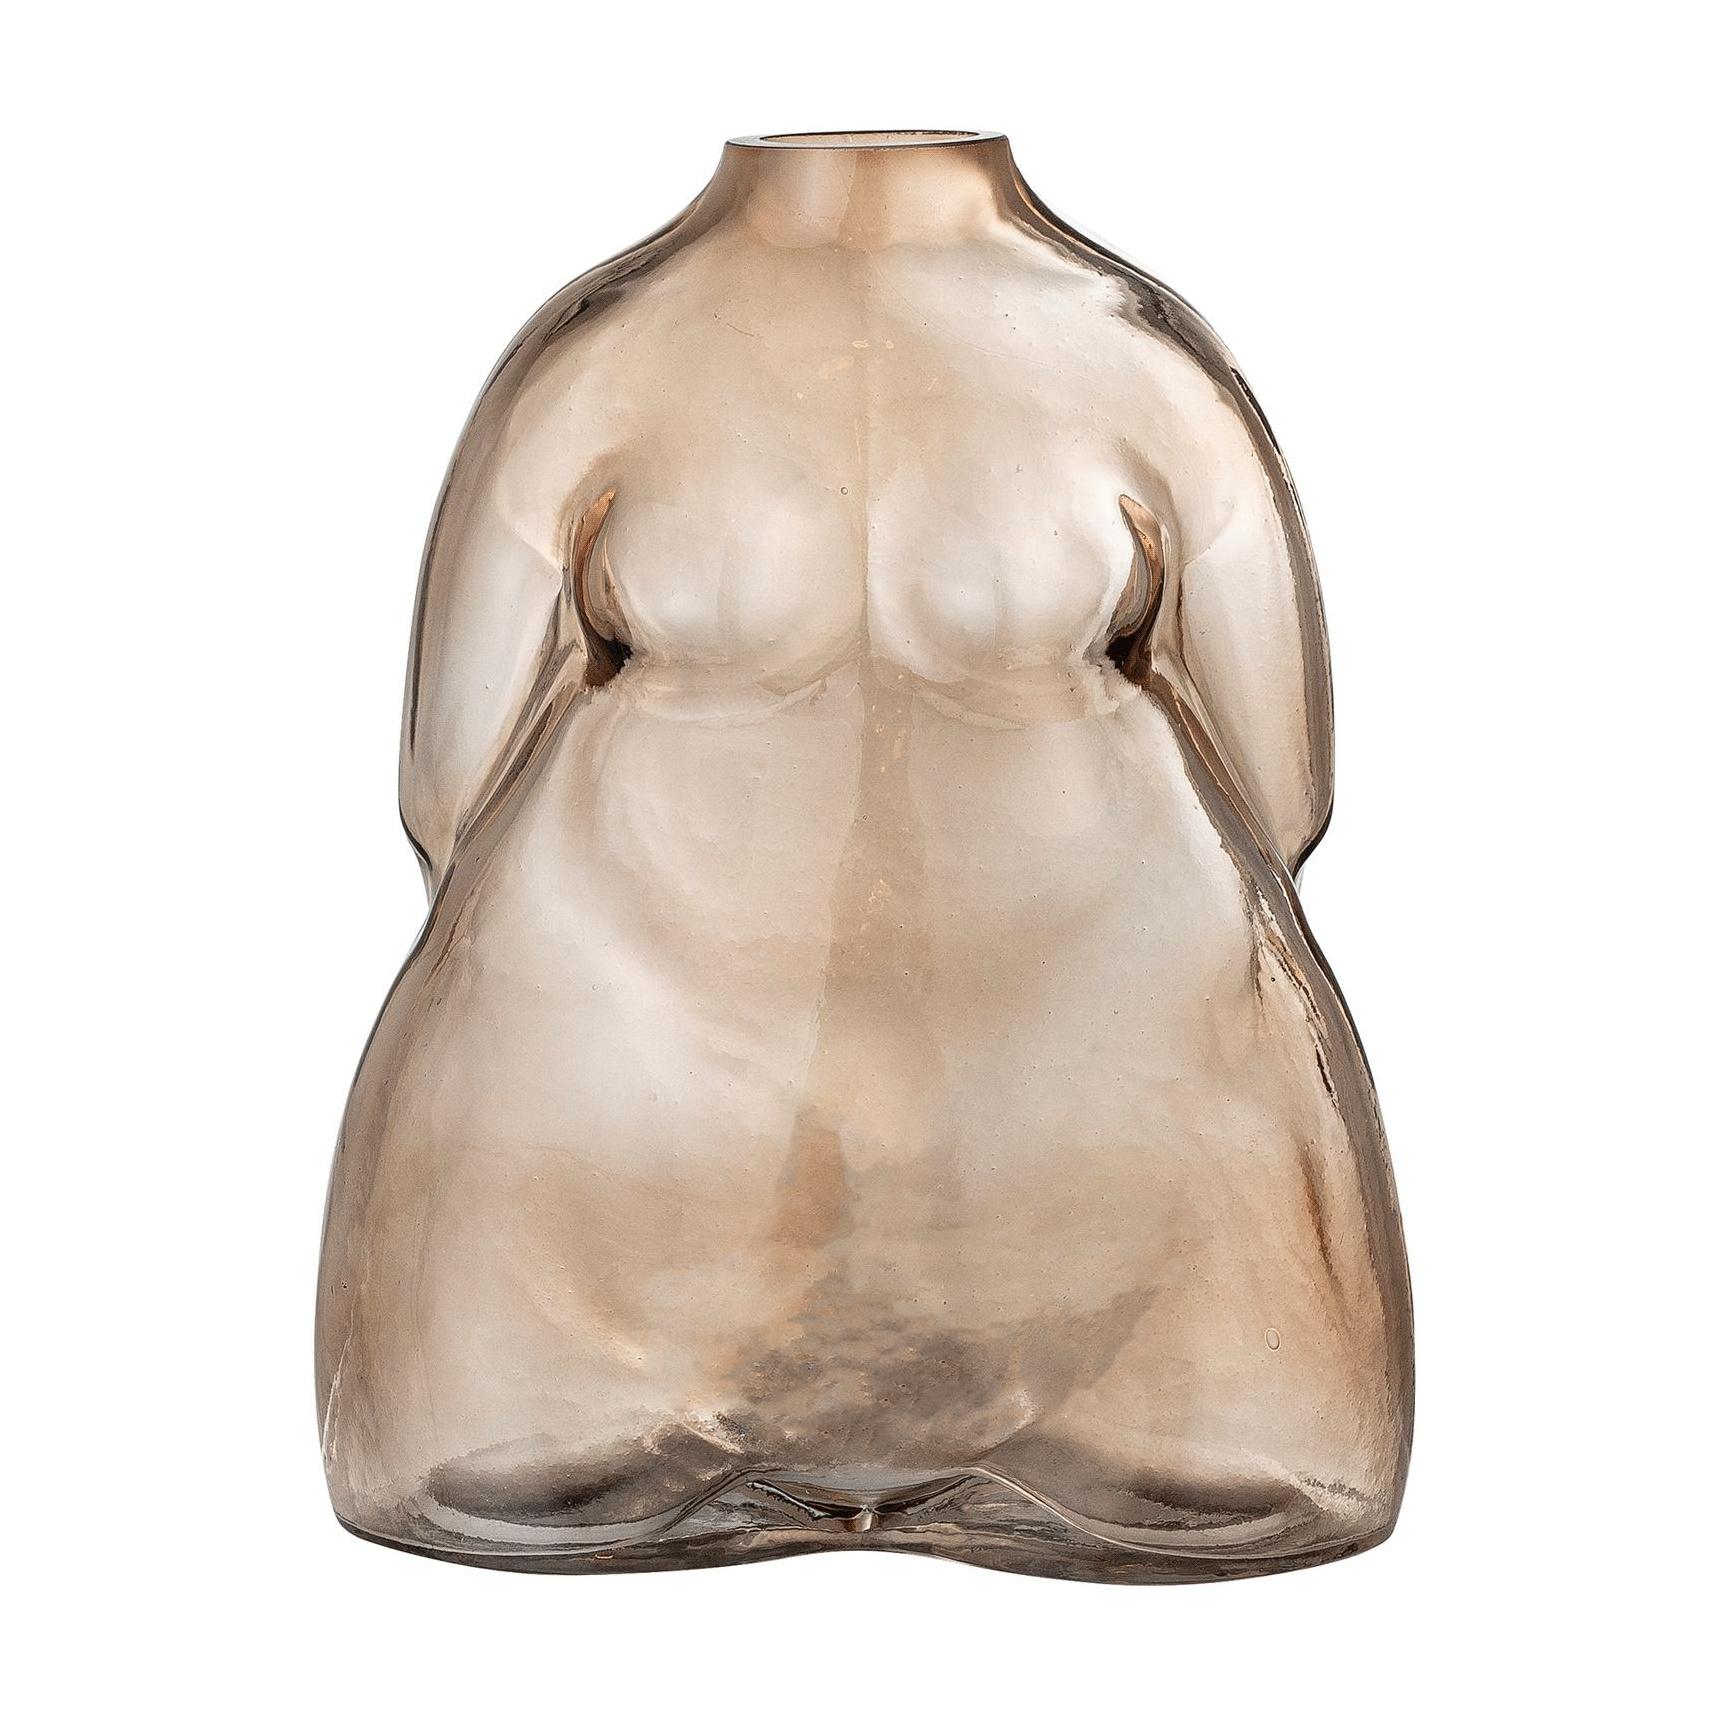 Bloomingville - Evie Vase - braun/LxBxH 15x11,5x19cm günstig online kaufen